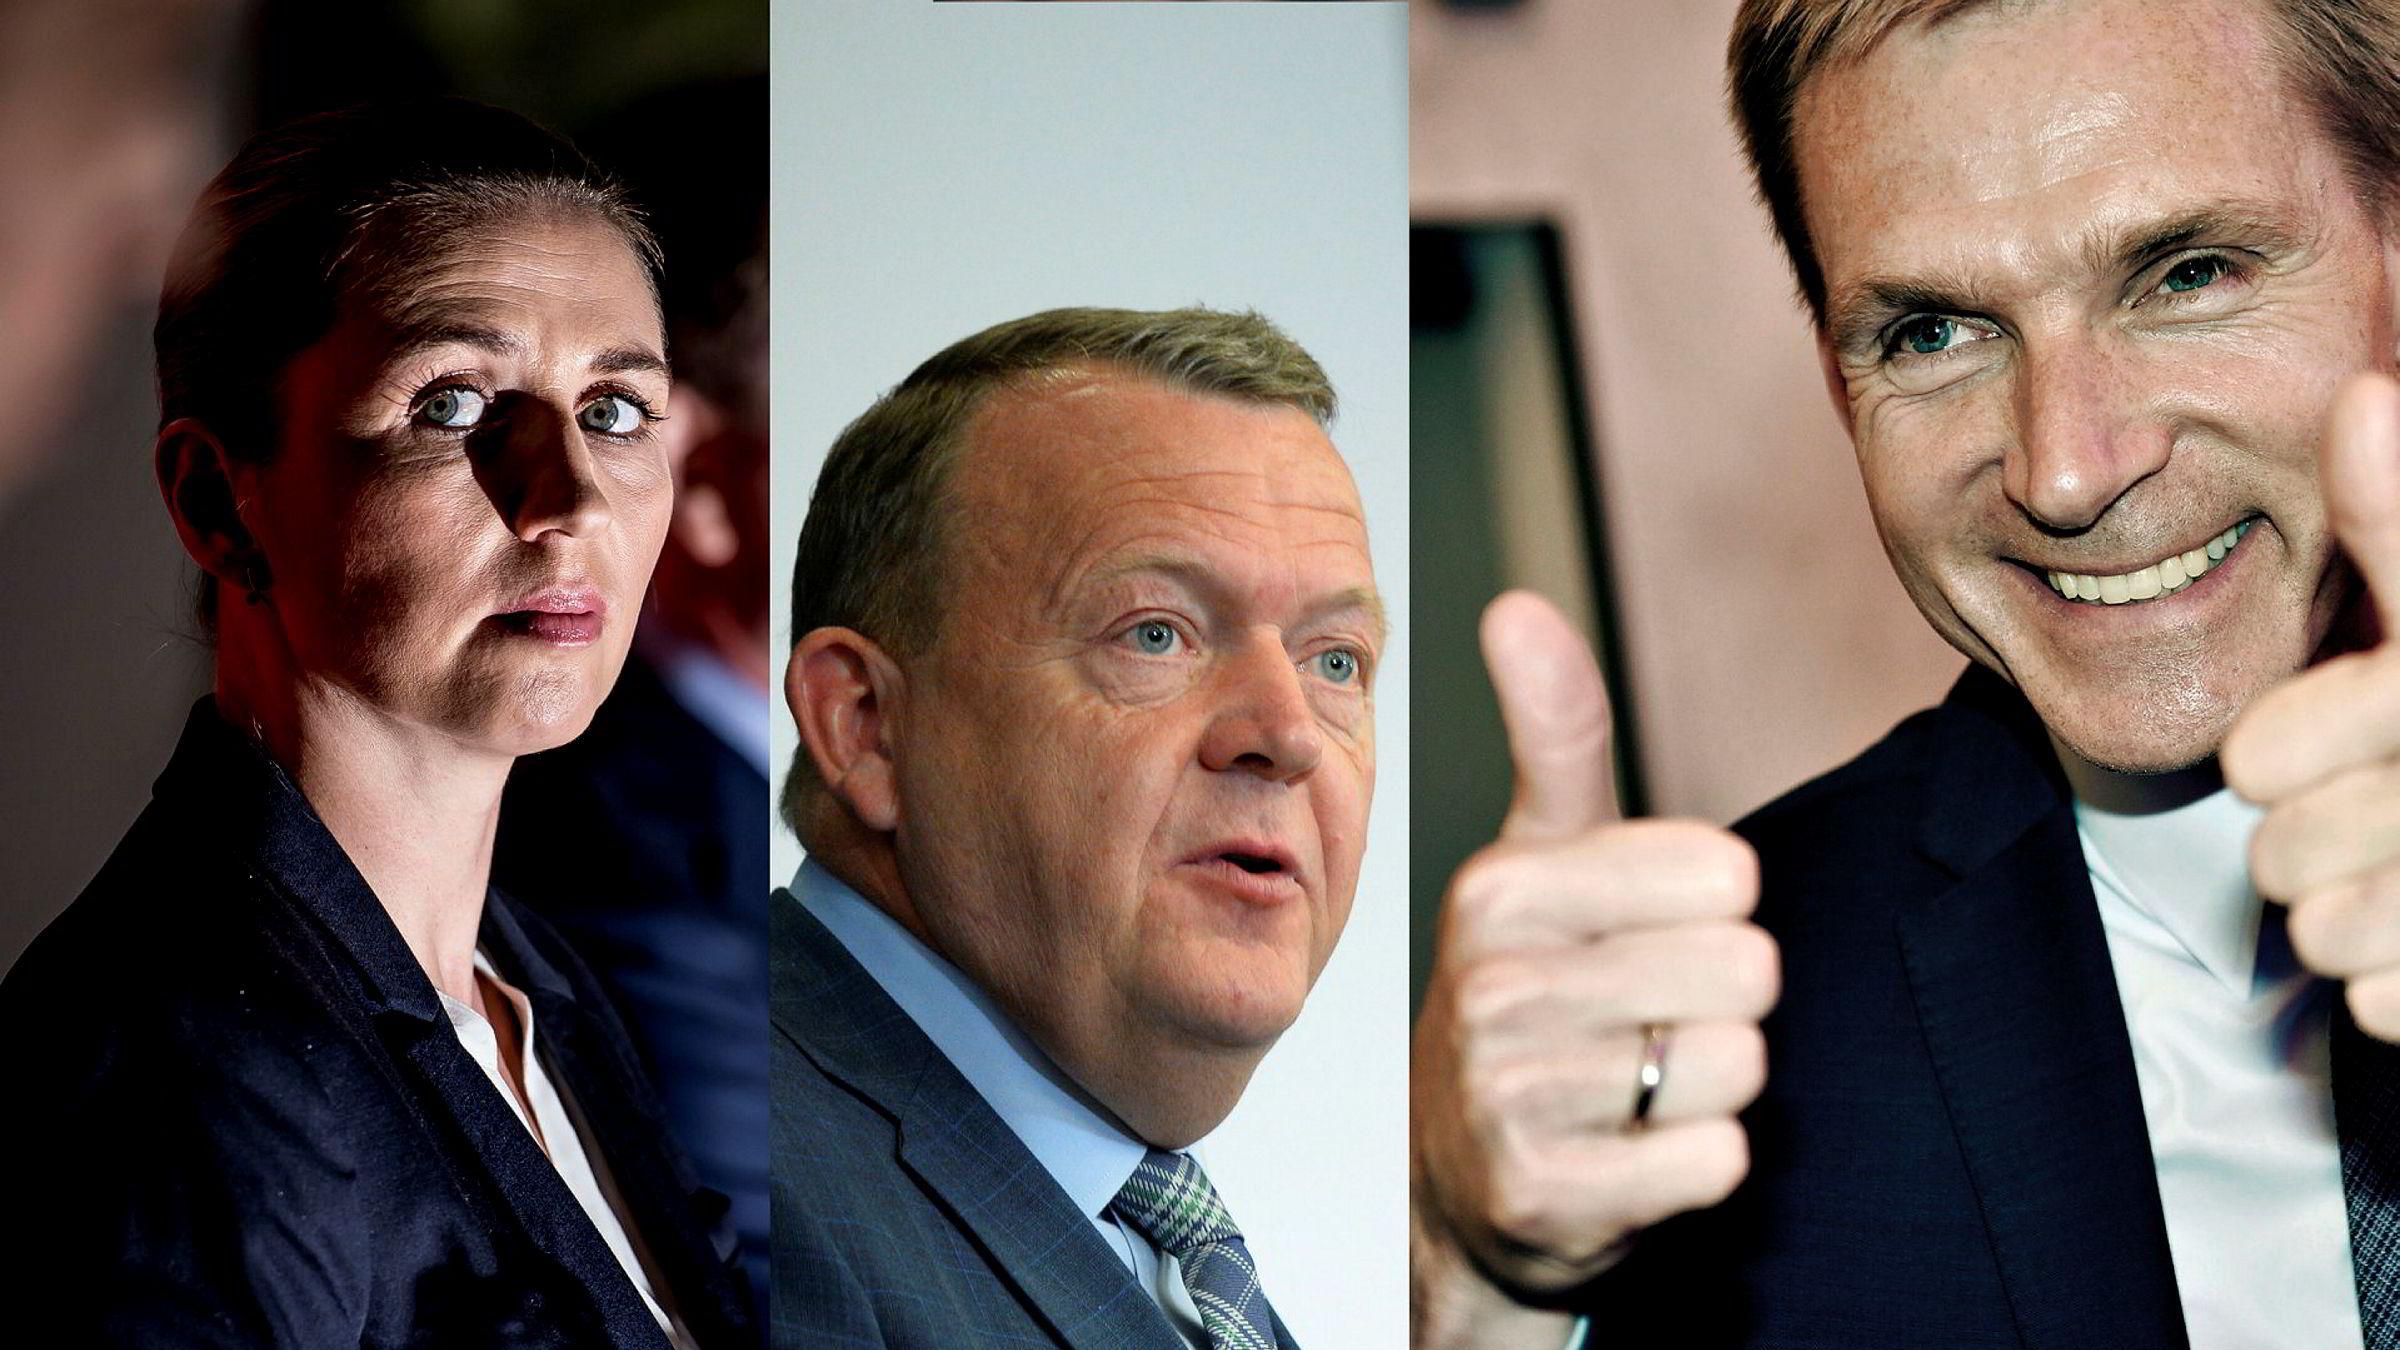 Fra venstre: Socialdemokratiets leder Mette Frederiksen, statsminister Lars Løkke Rasmussen og leder i Dansk Folkeparti, Kristian Thulesen Dahl.